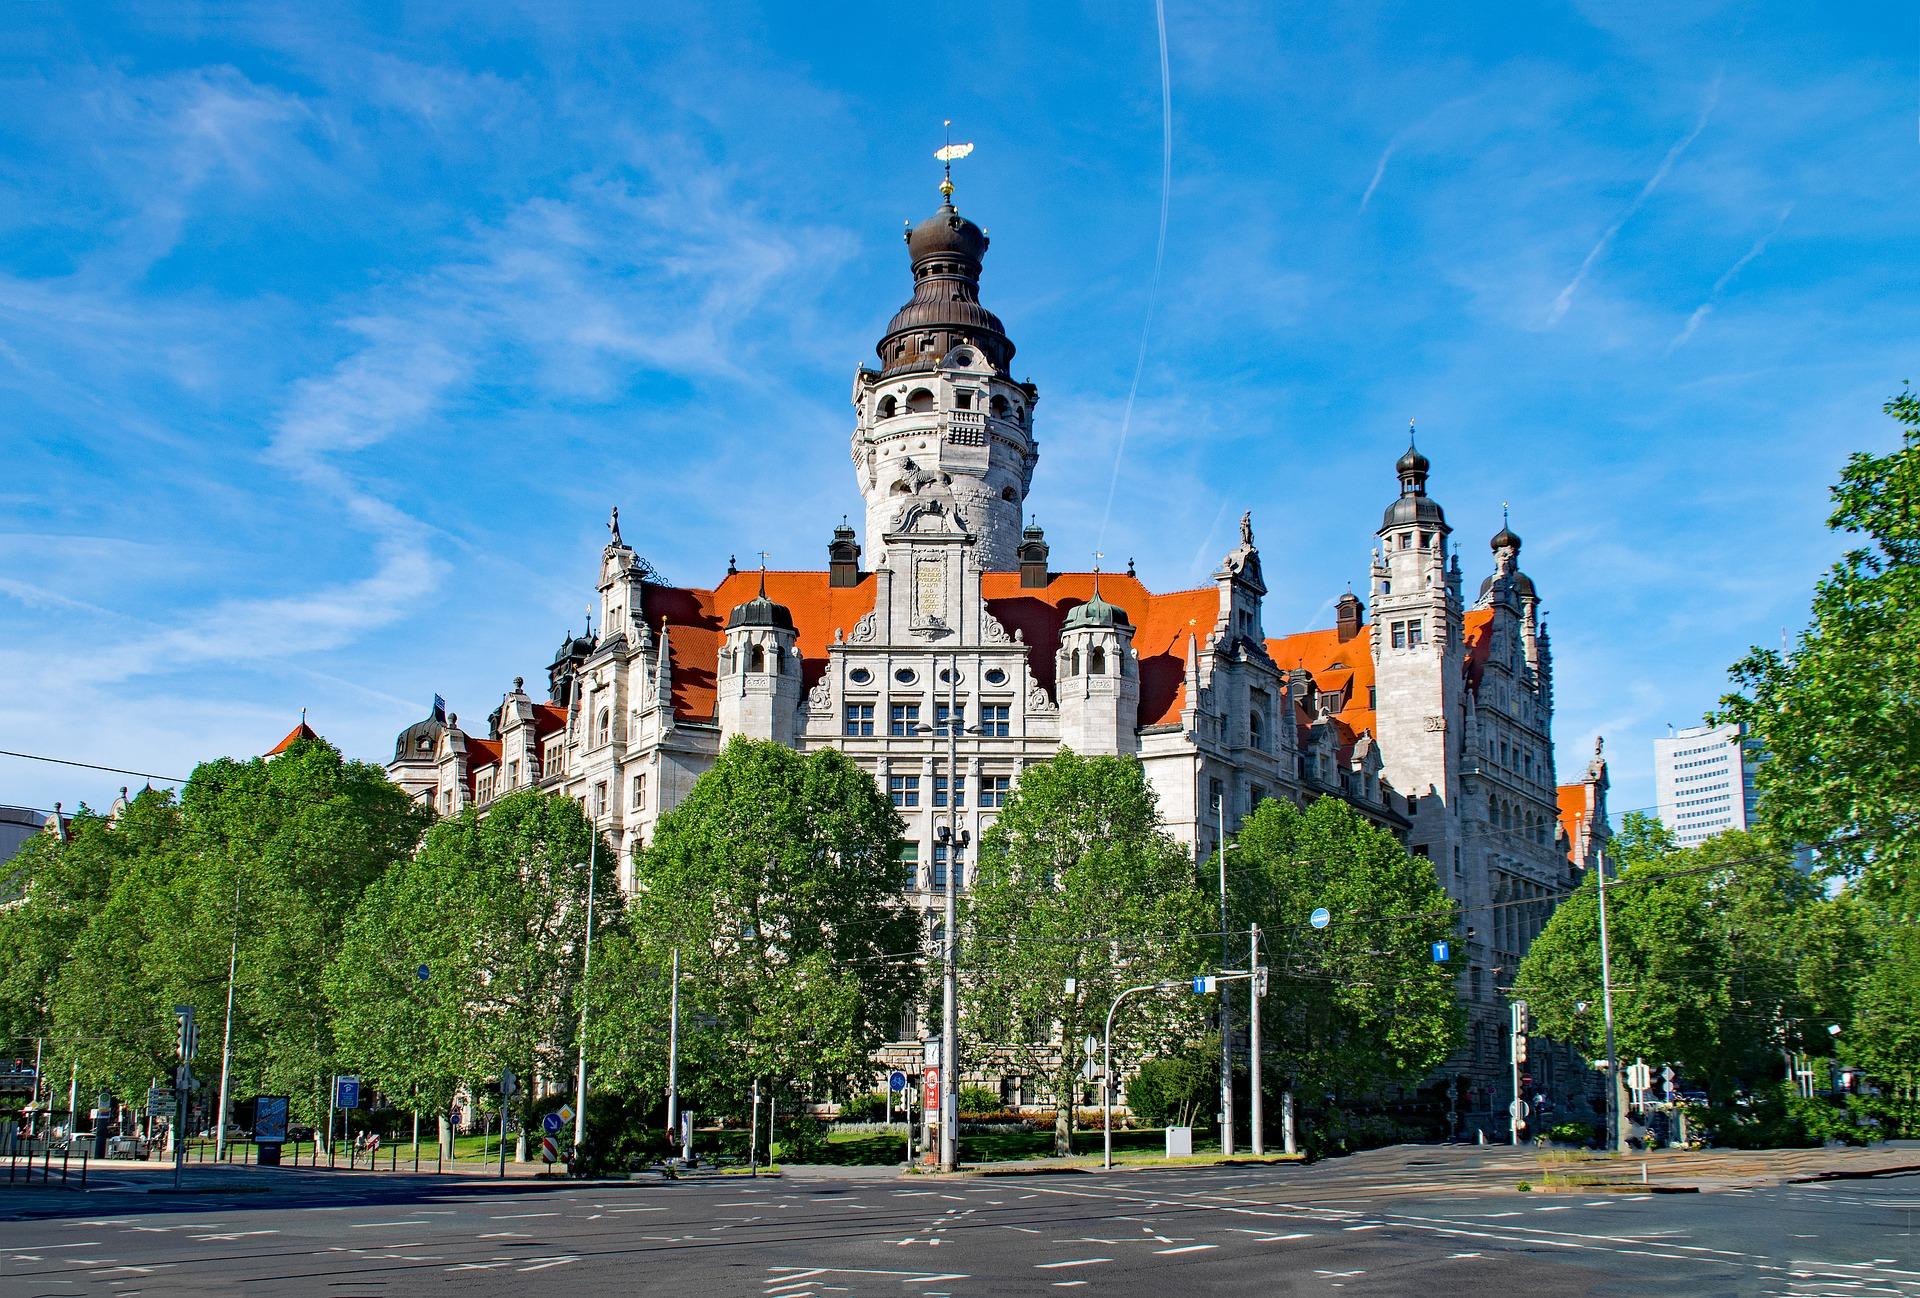 Städtereise Leipzig: Empfehlungen & Vergleich (09/20)